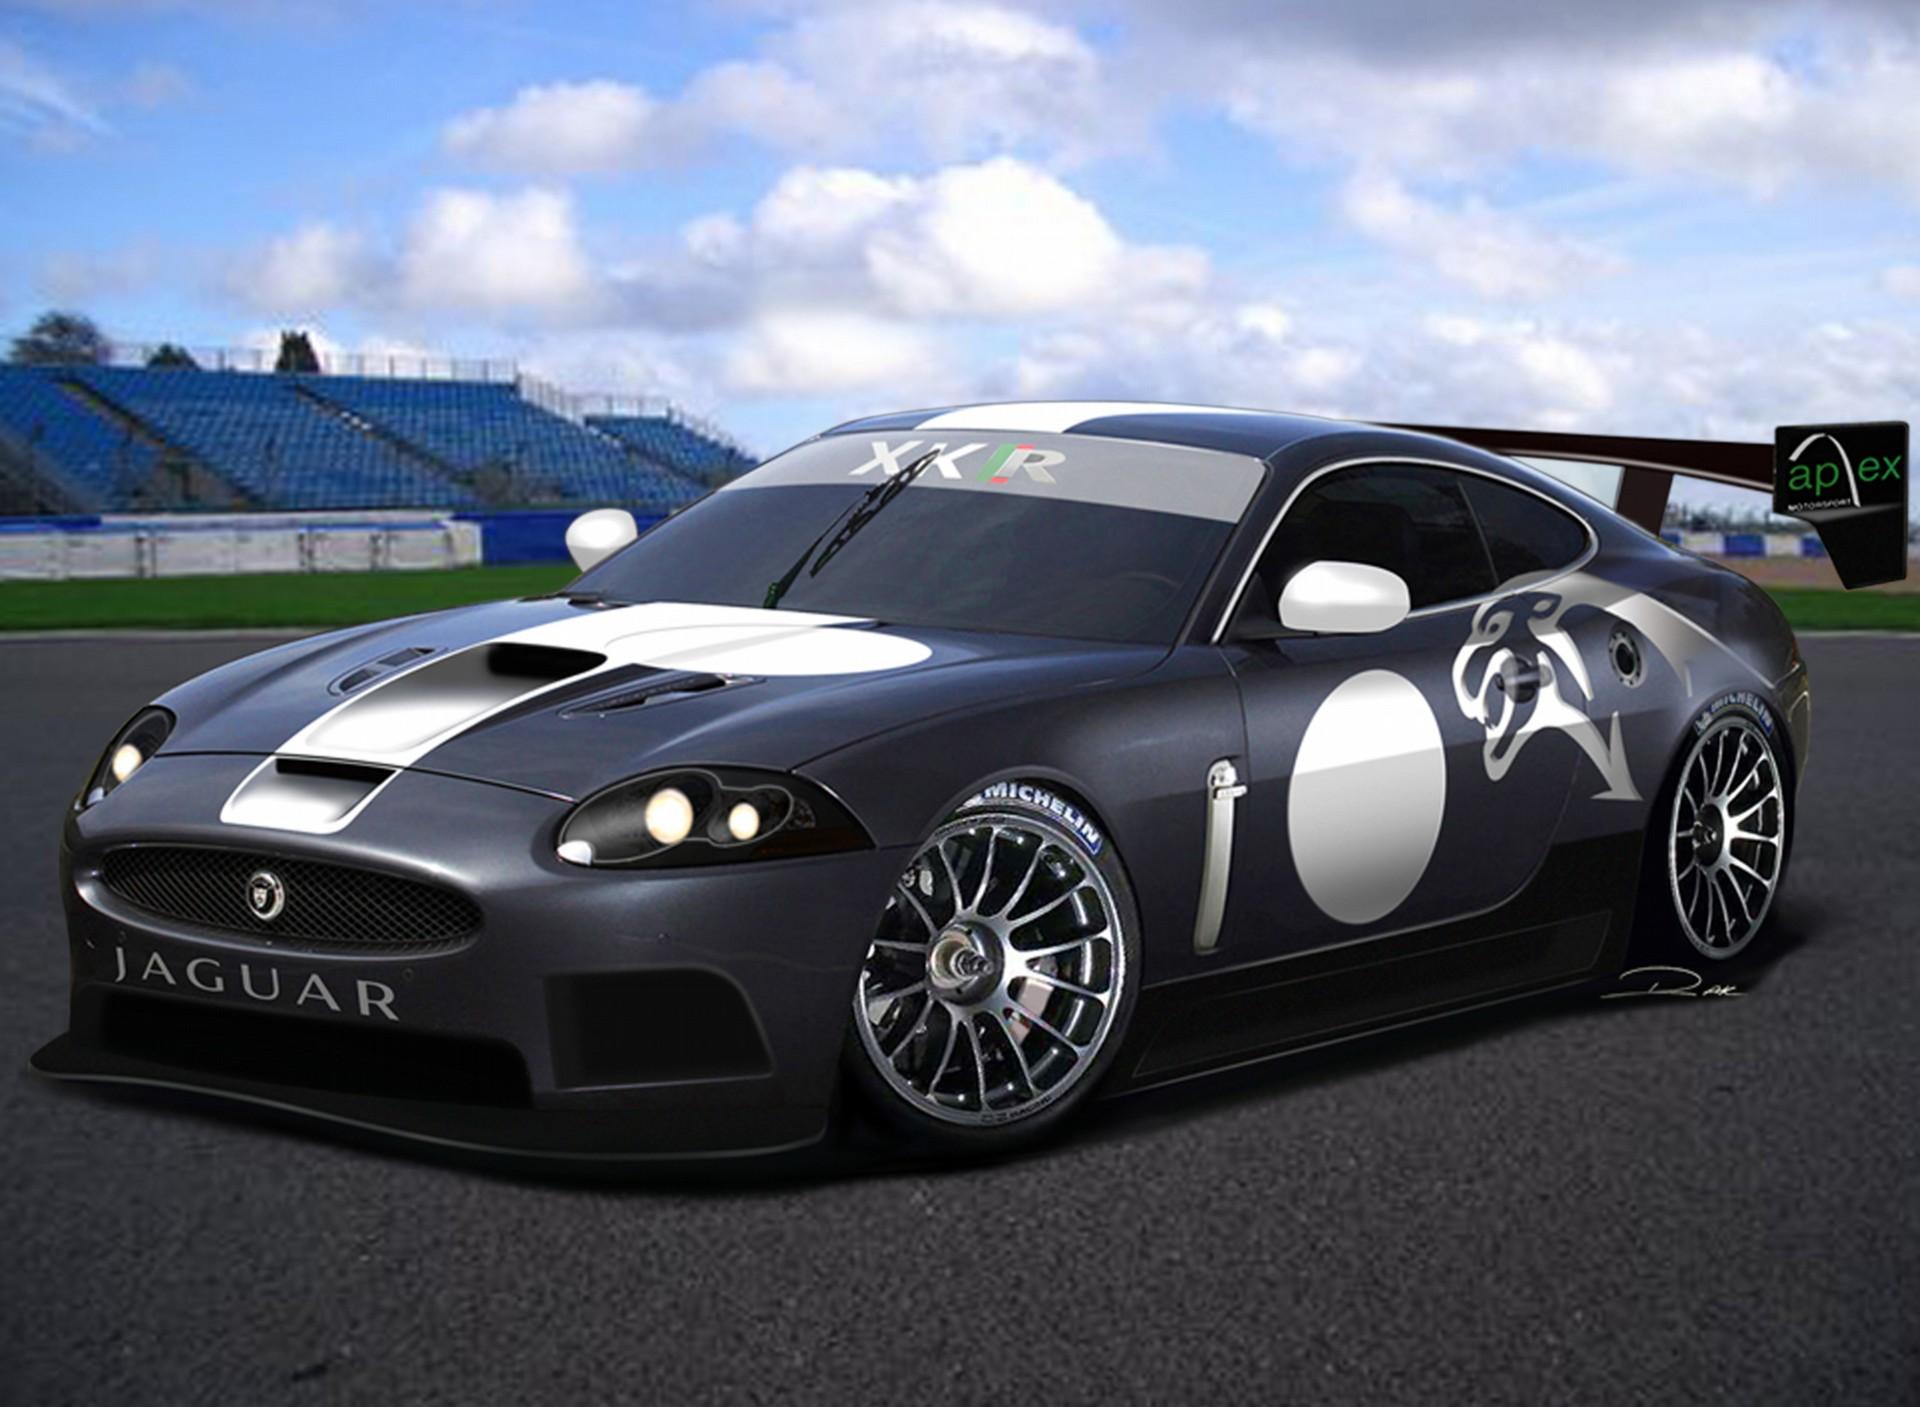 2007 Jaguar Xkr Gt3 Conceptcarz Com